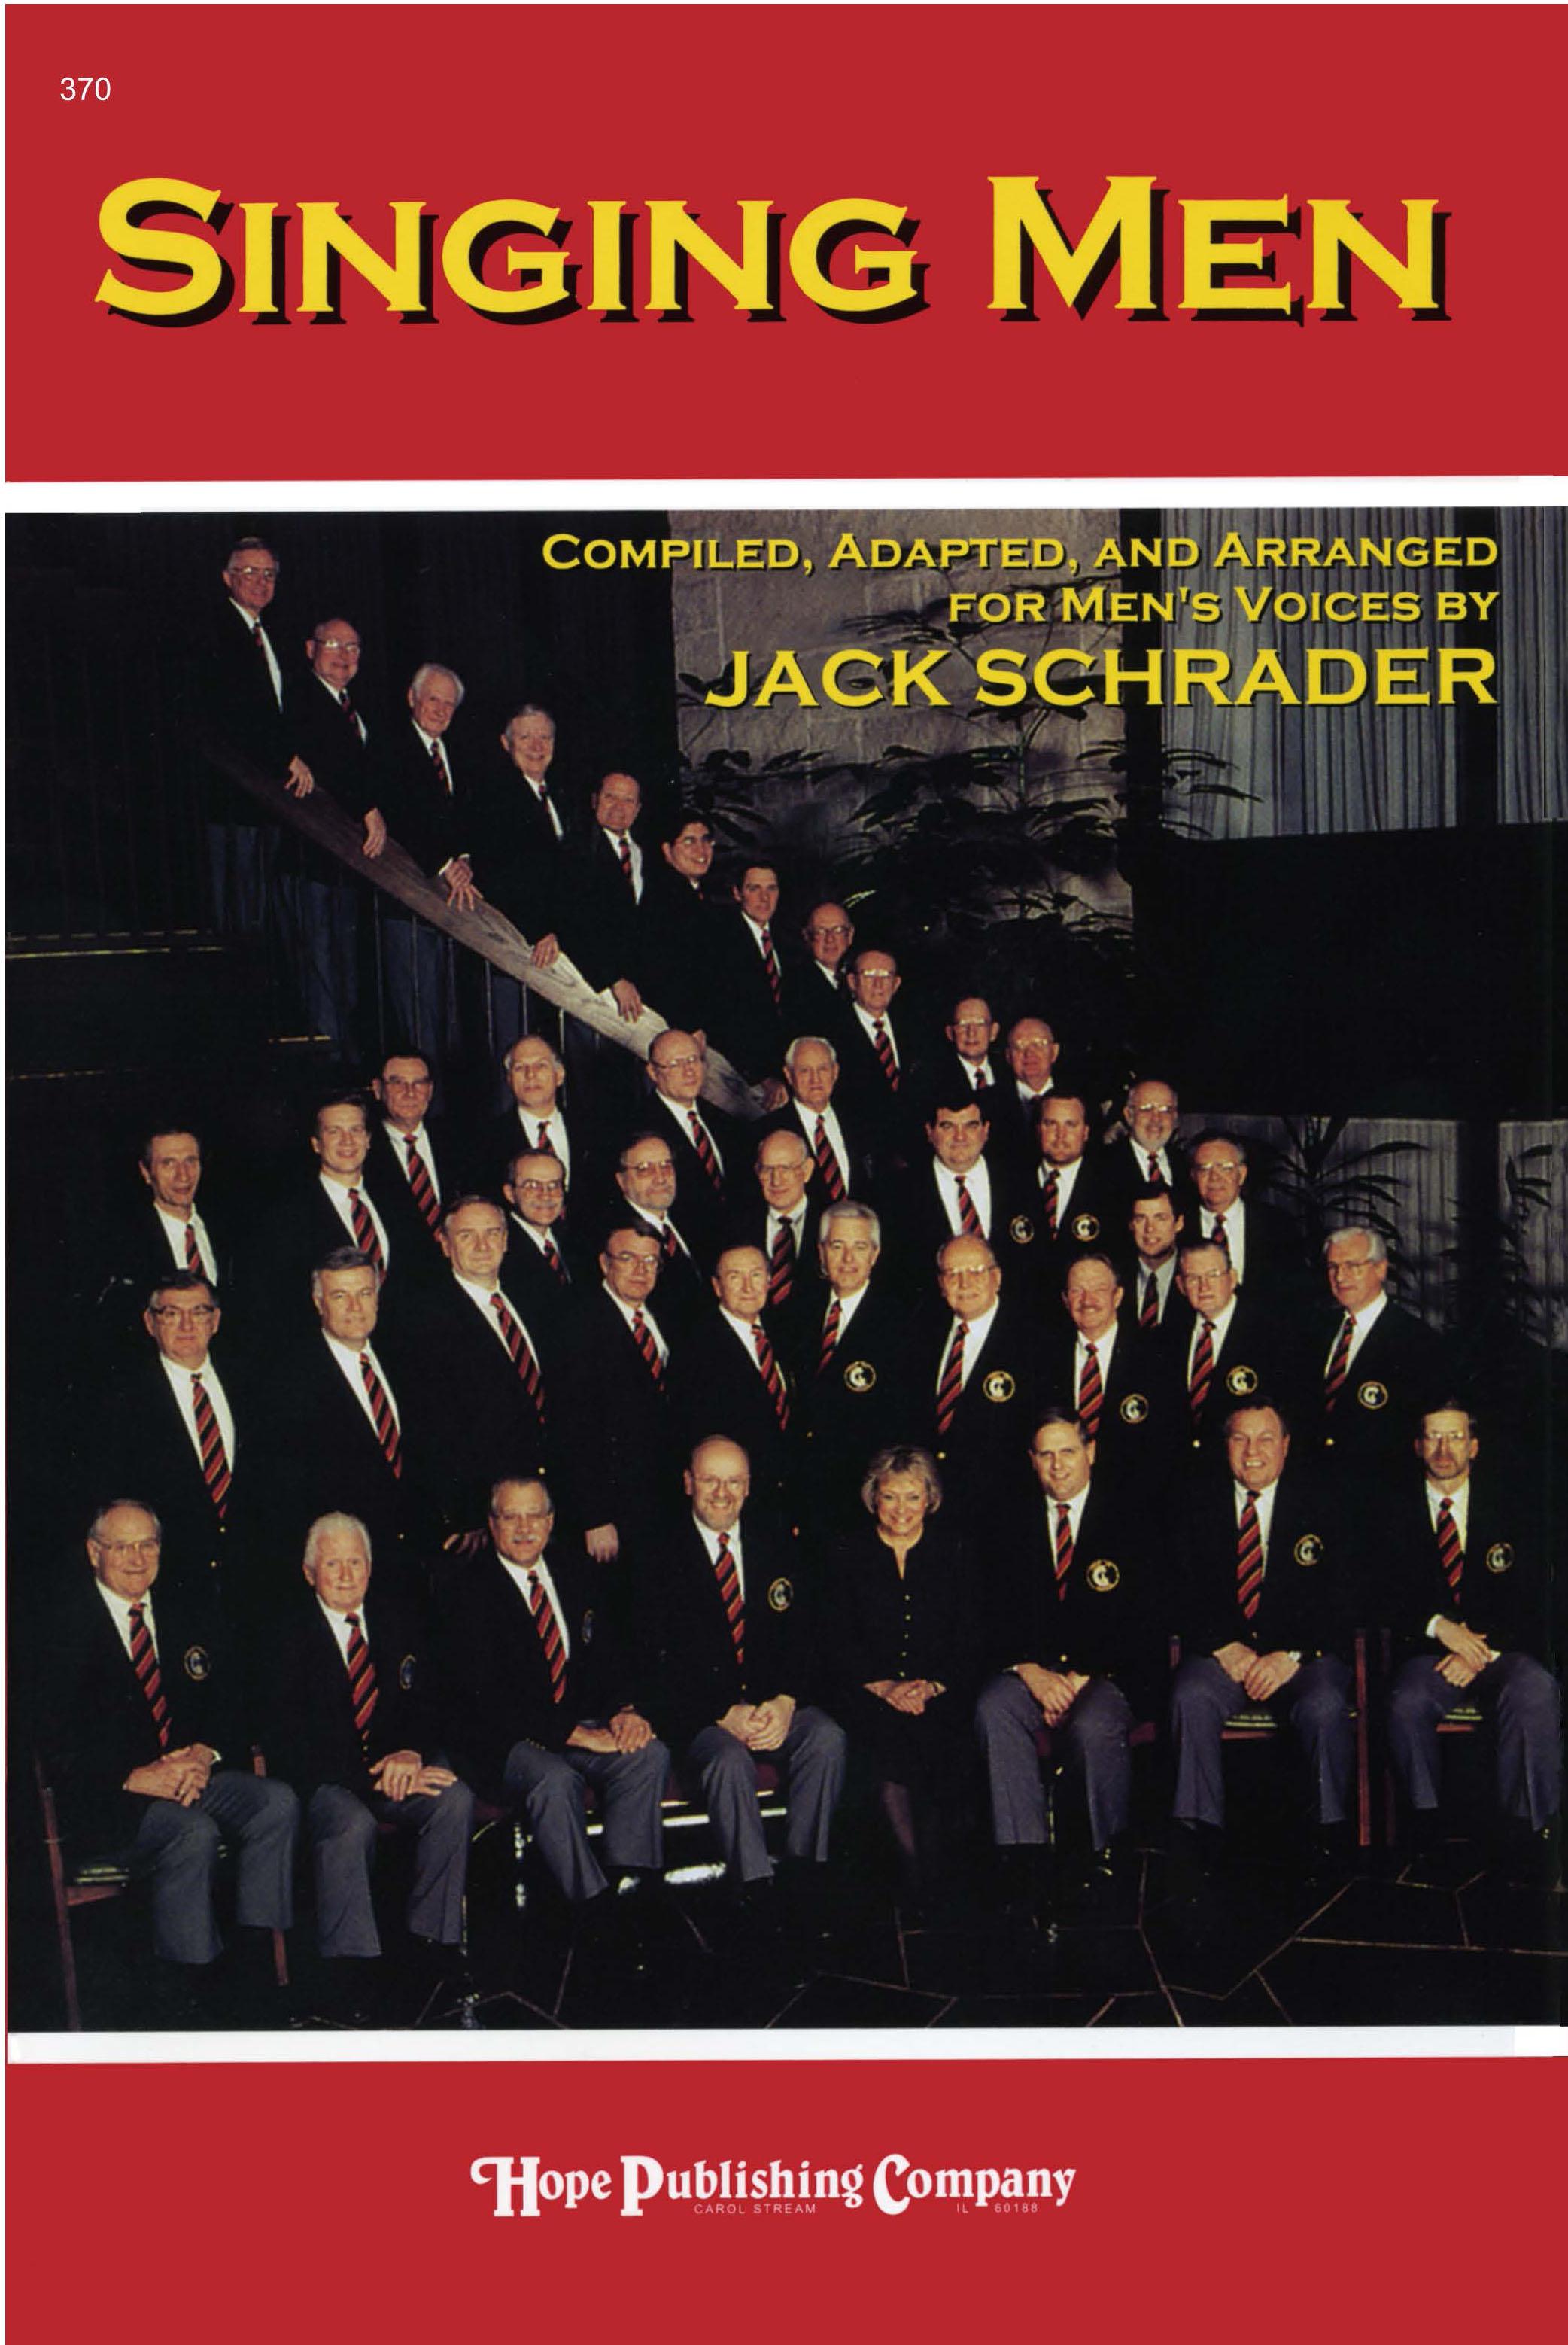 Singing Men Vol. 1 - Score Cover Image